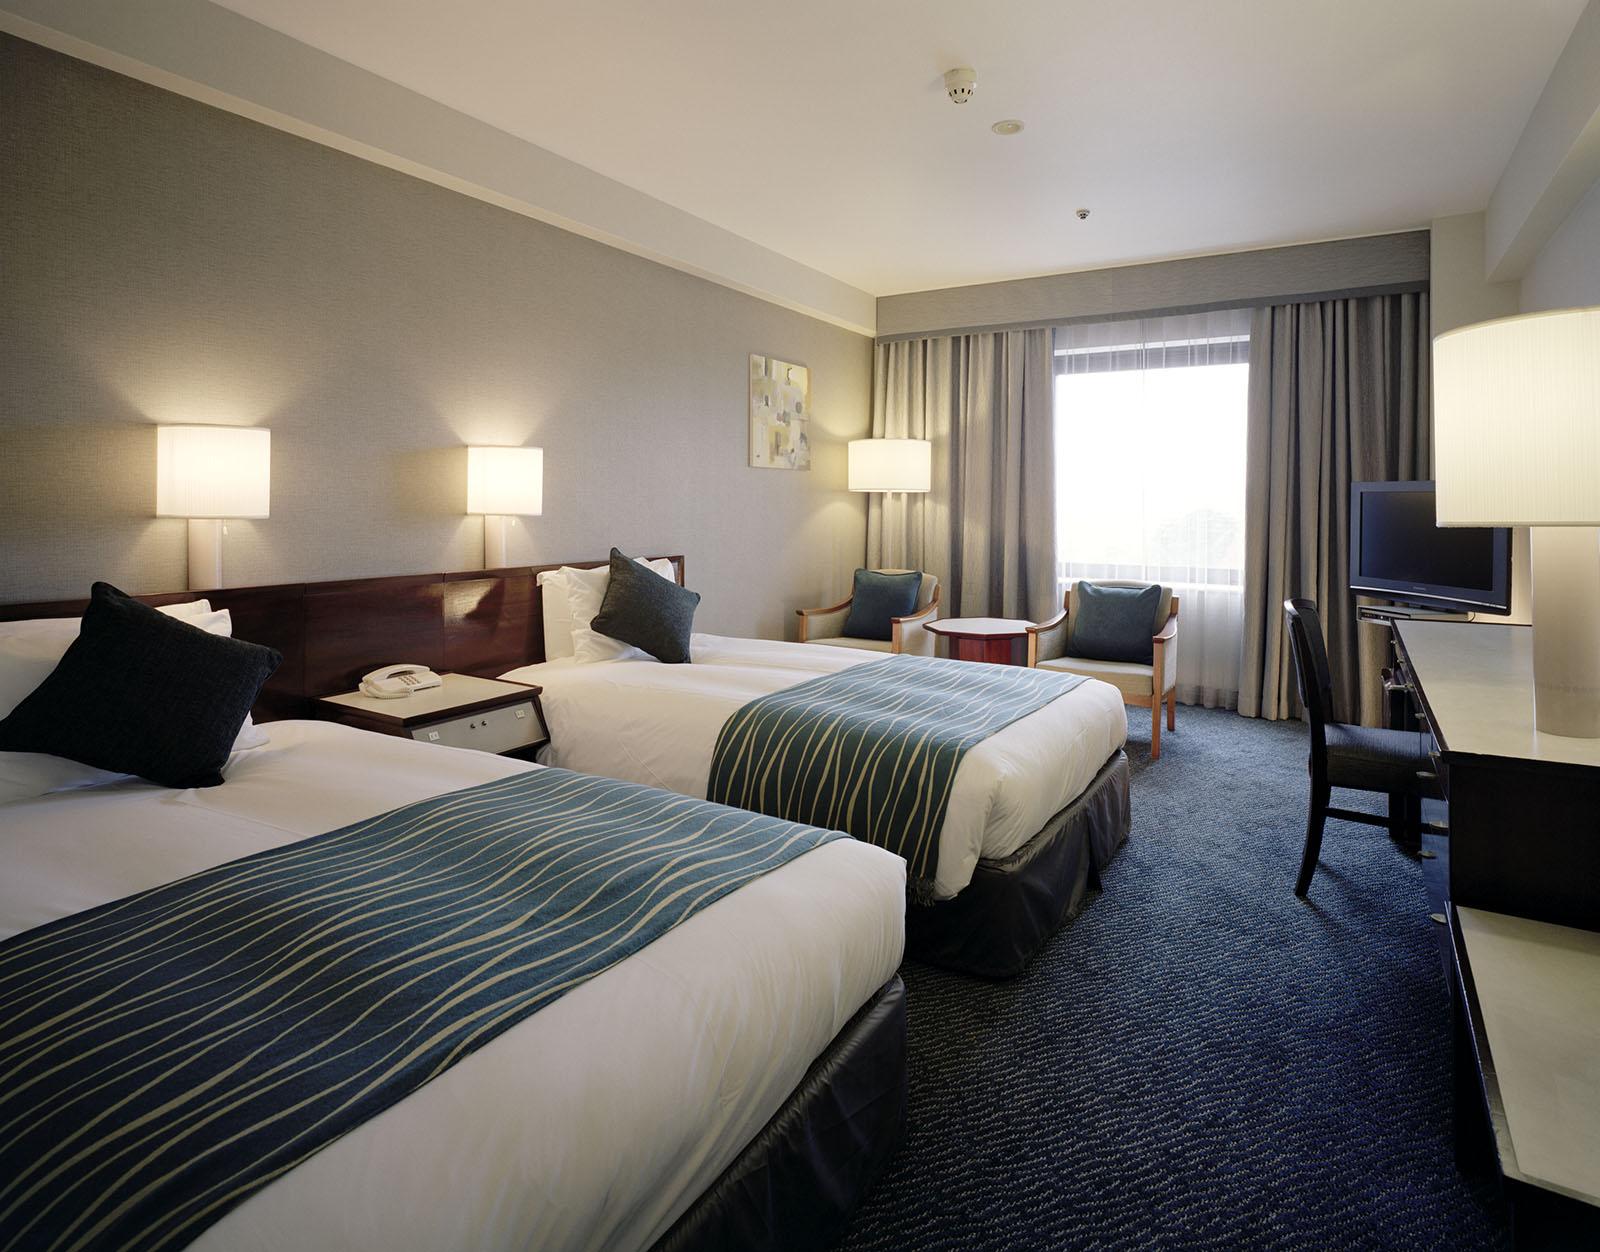 富山 第 一 ホテル 新型コロナ: 富山第一ホテル、21年3月営業終了